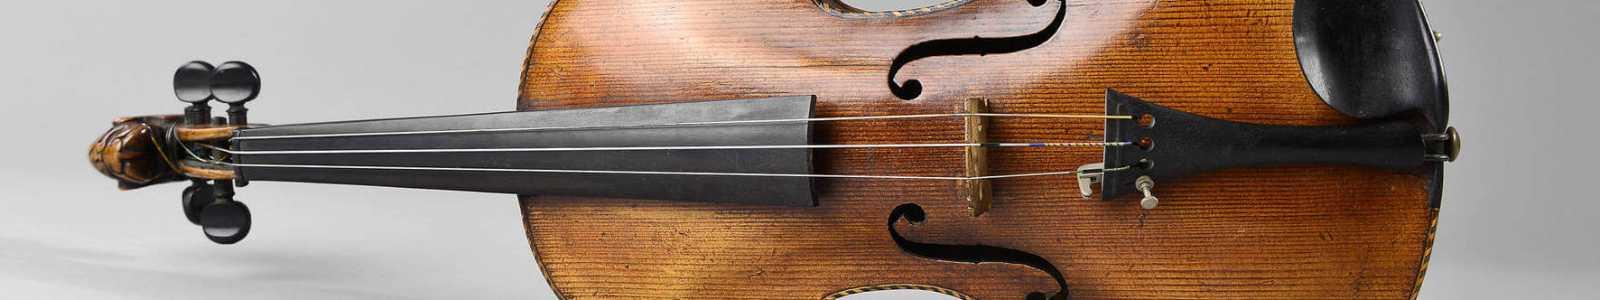 Искусства и антиквариата, коллекцию исторических музыкальных инструментов